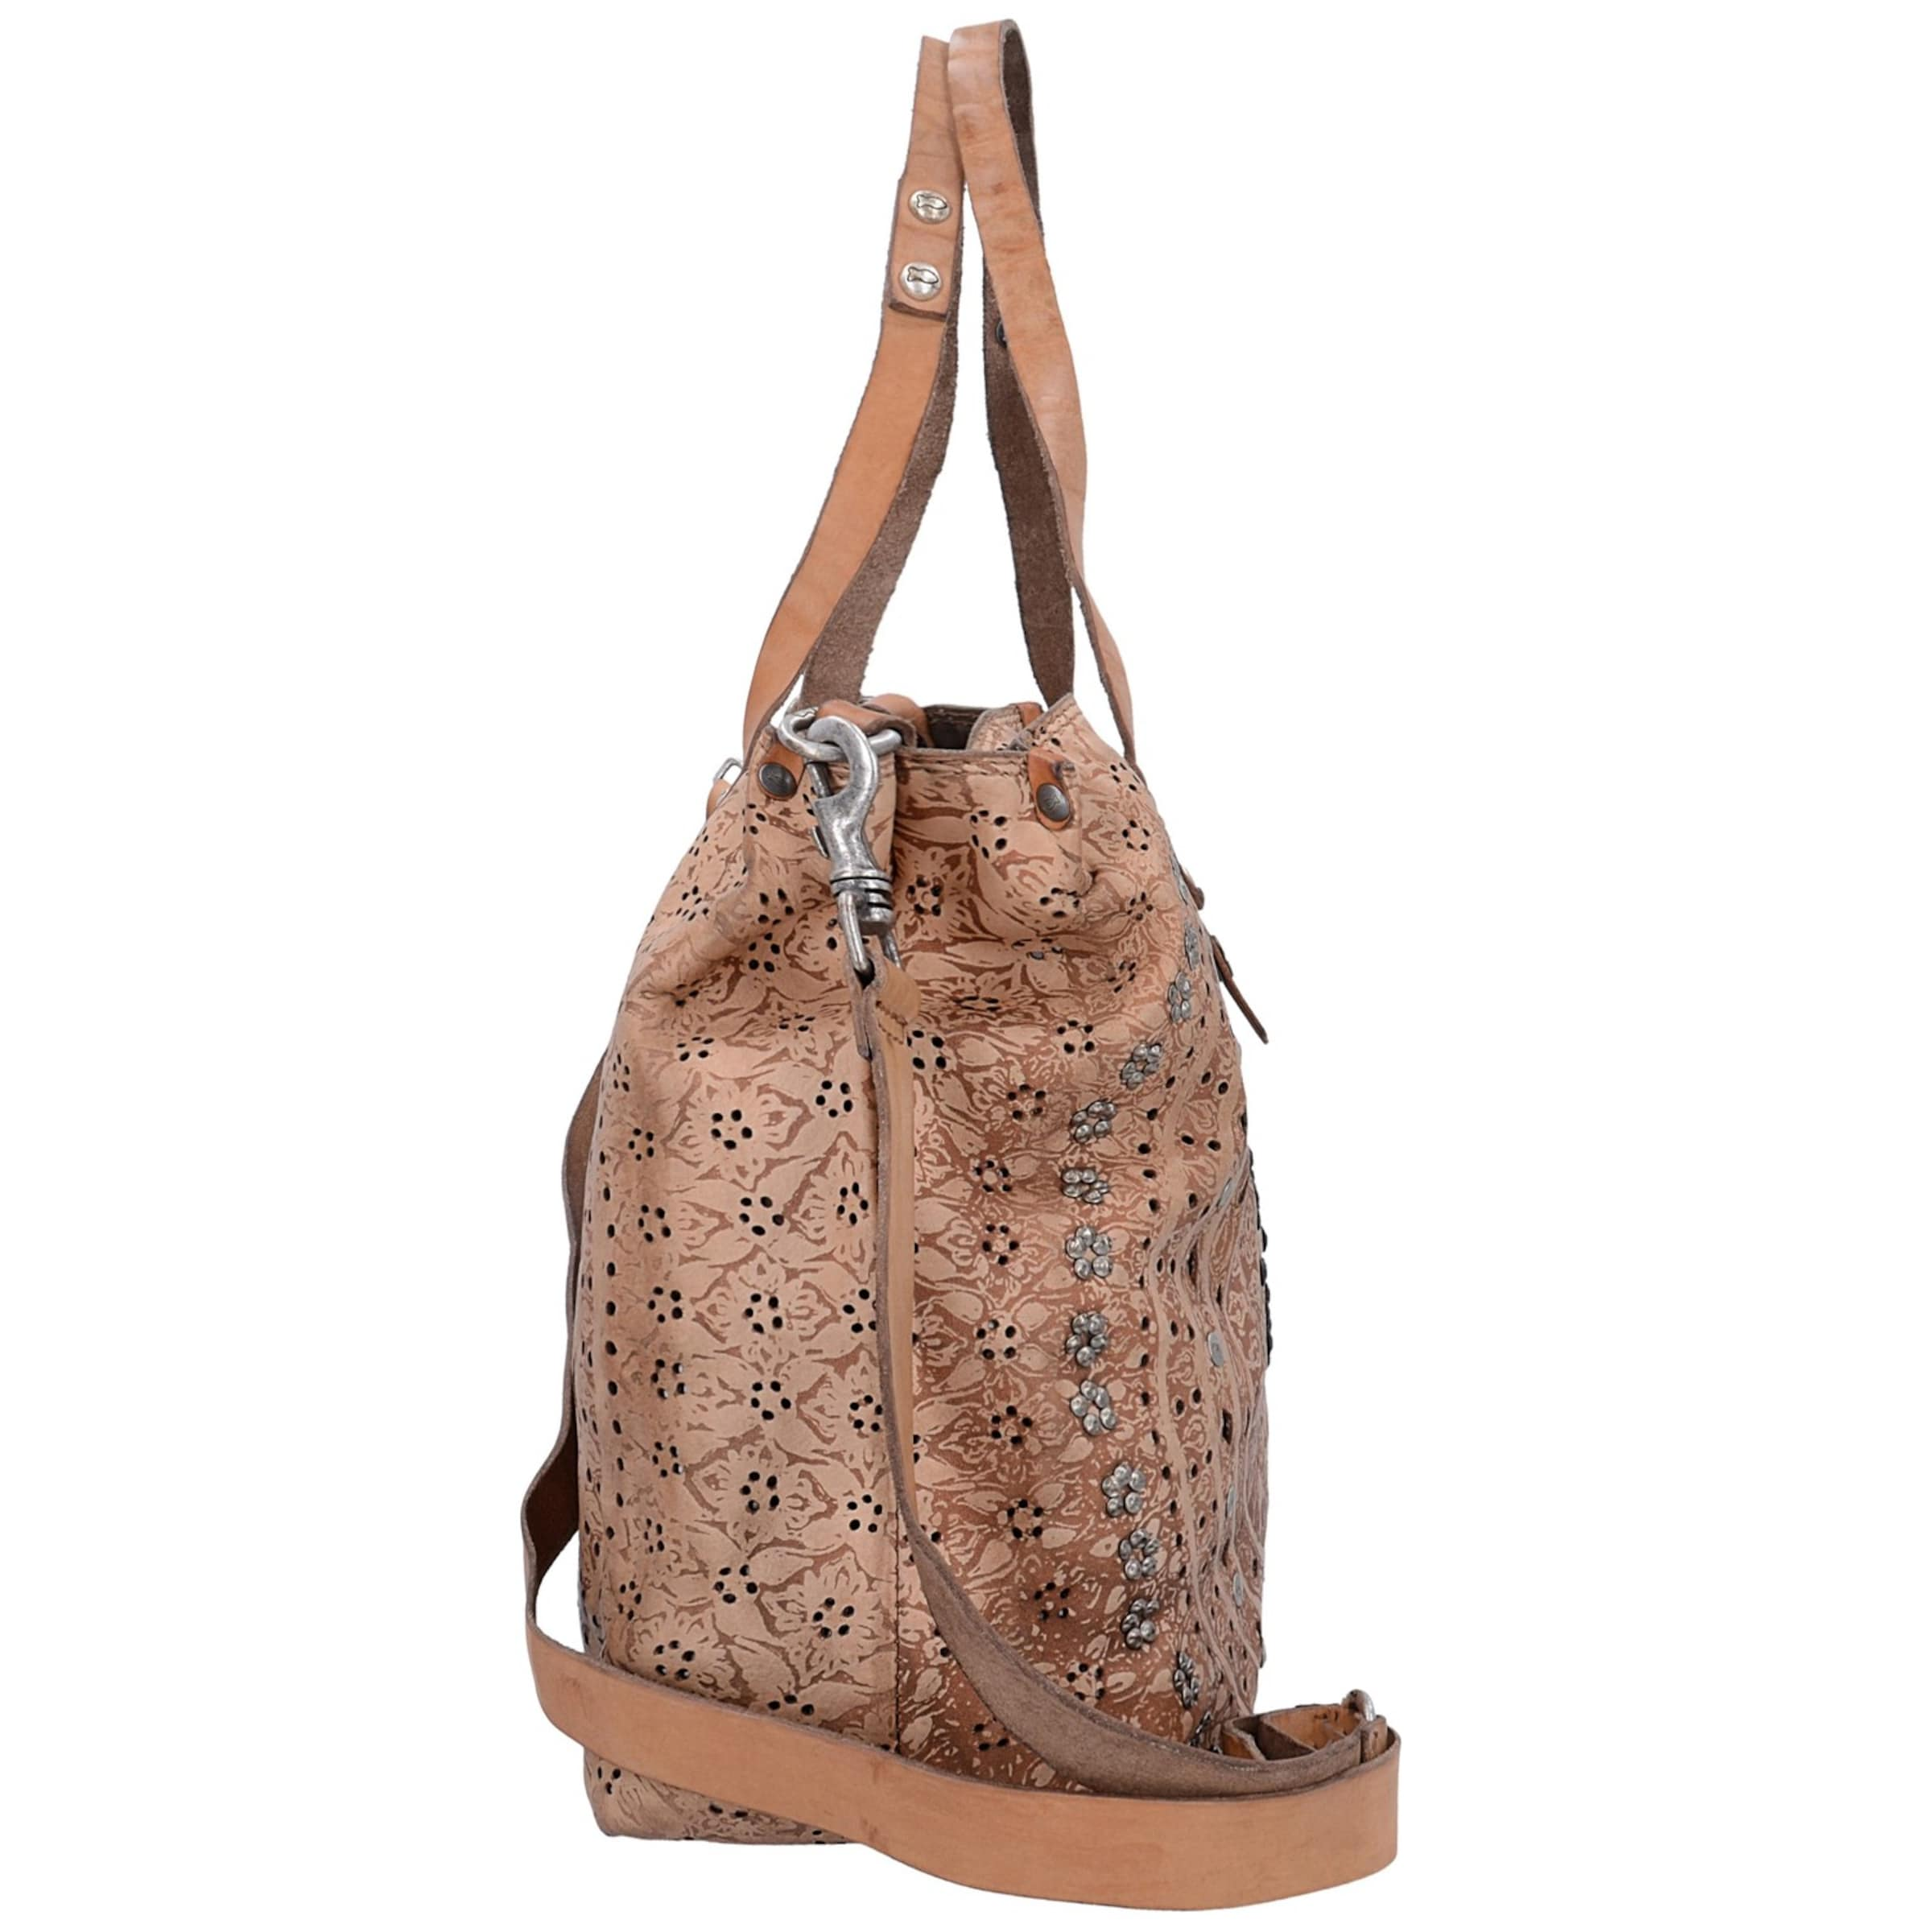 Geschäft Zum Verkauf In Deutschland Günstig Online Campomaggi 'Echinacea Shopper' Tasche 33 cm ubiDbm5